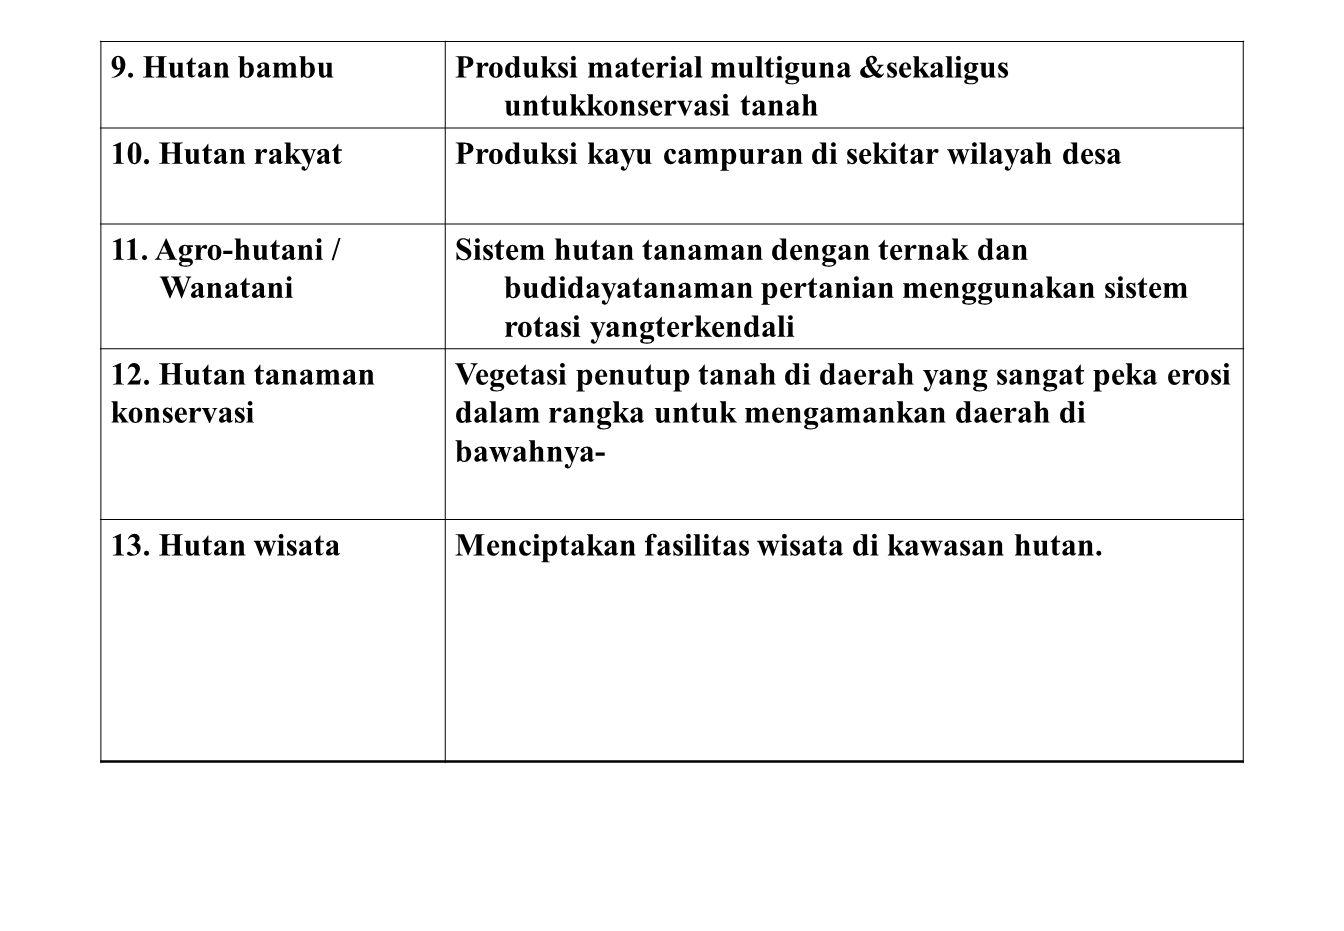 9. Hutan bambu Produksi material multiguna &sekaligus untukkonservasi tanah. 10. Hutan rakyat. Produksi kayu campuran di sekitar wilayah desa.